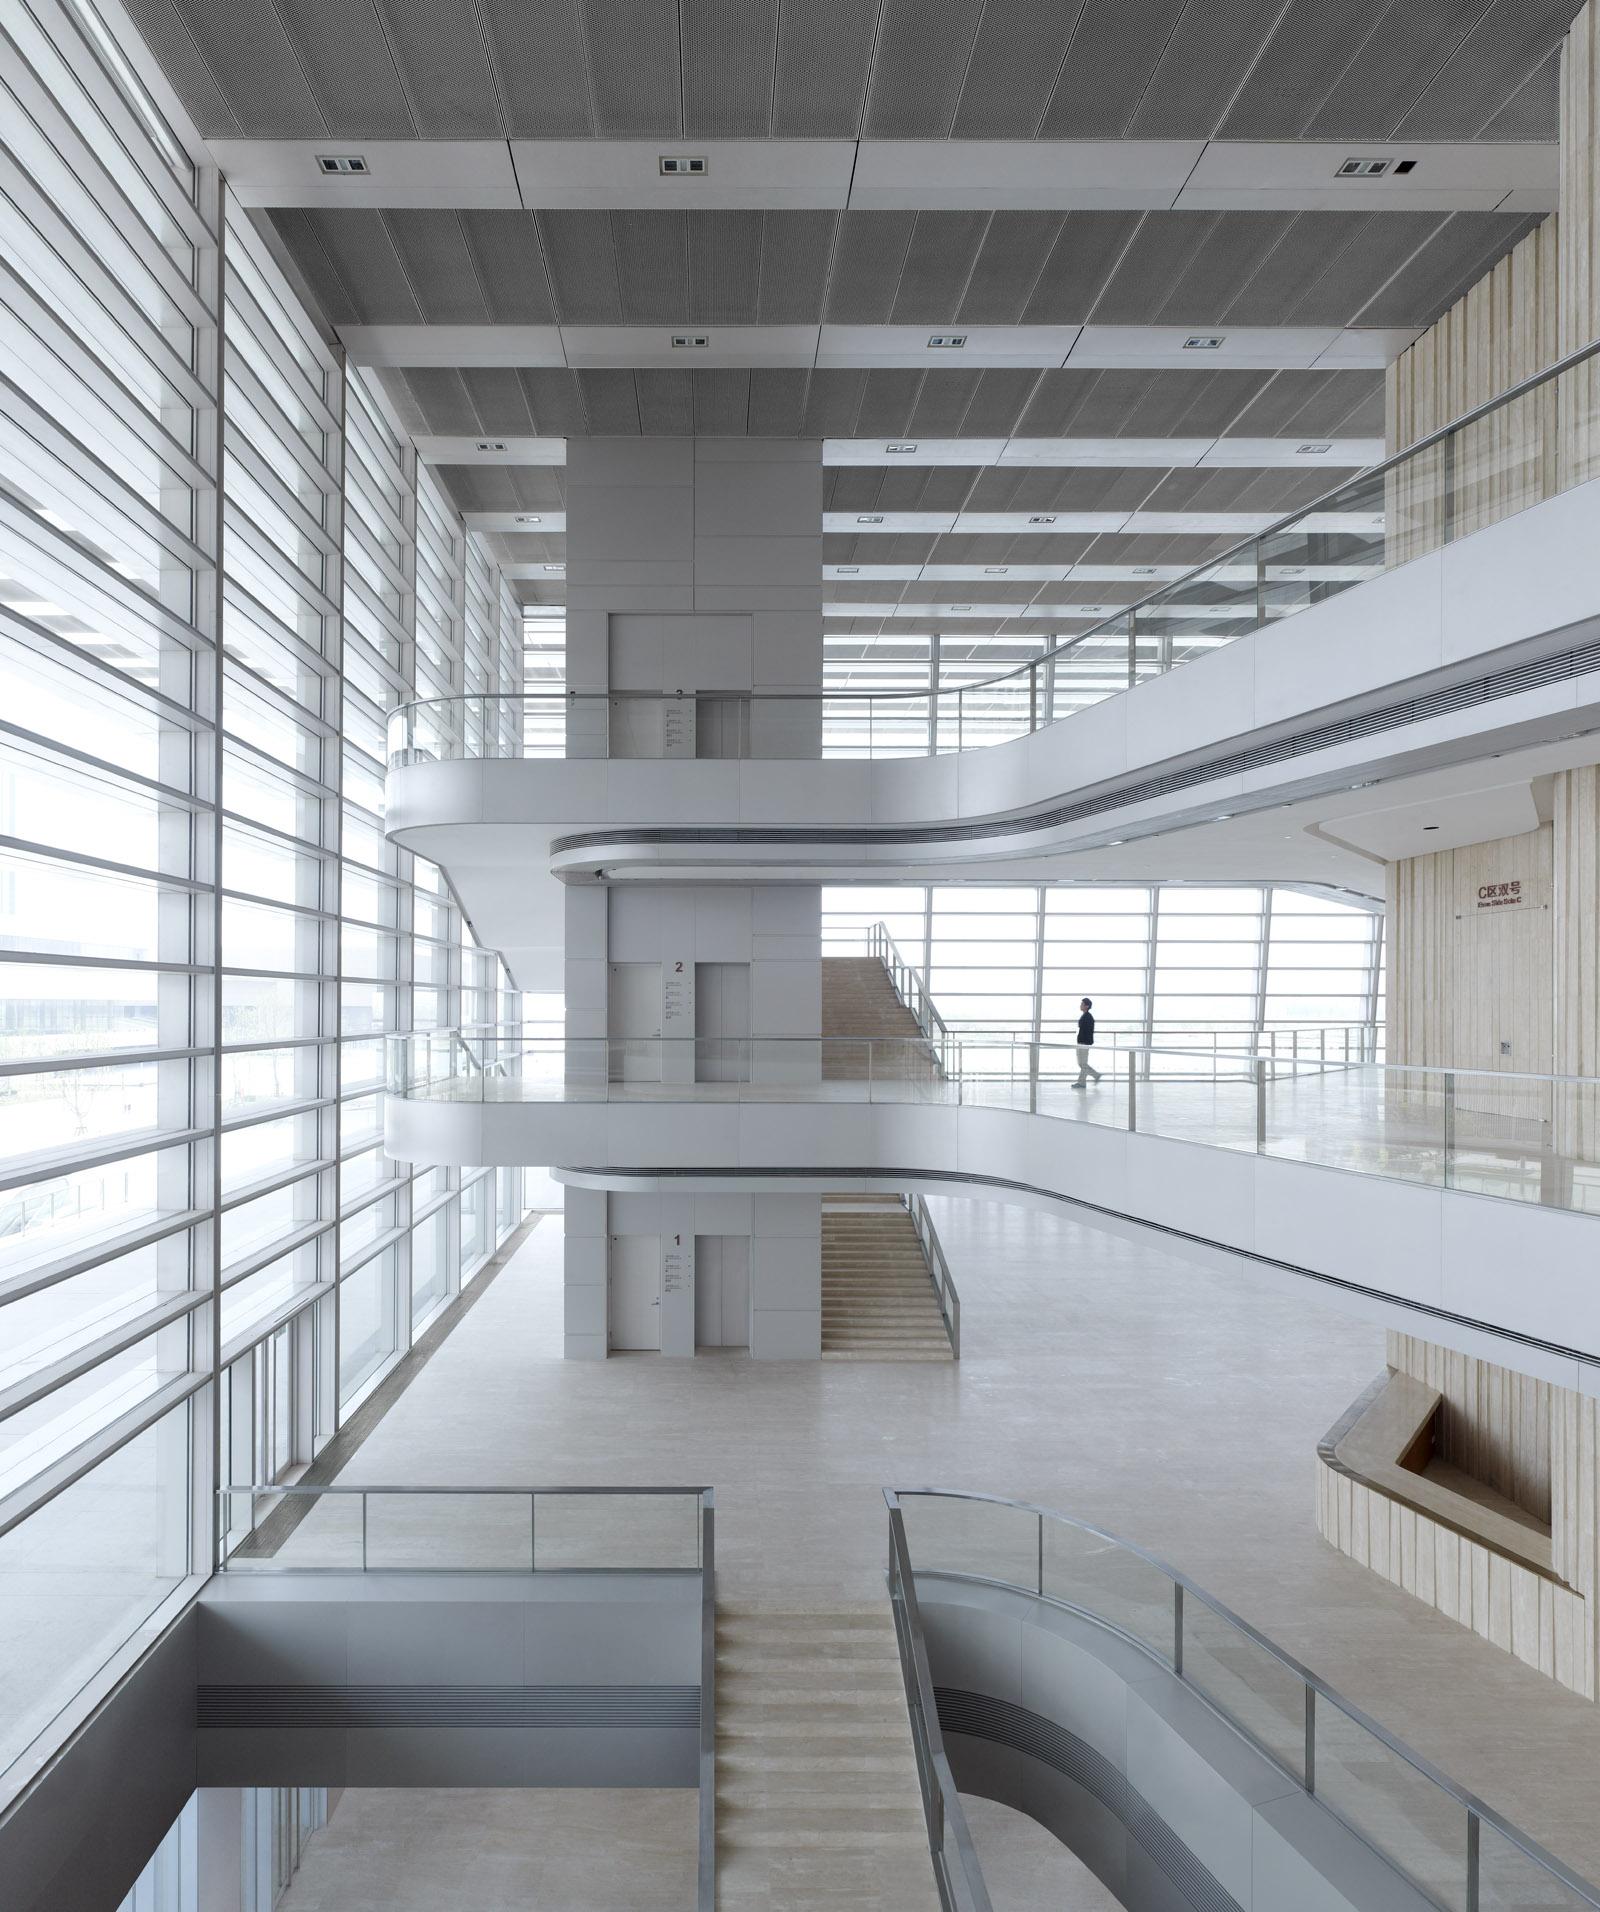 Gallery of tianjin grand theater gmp architekten 5 - Gmp architektur ...